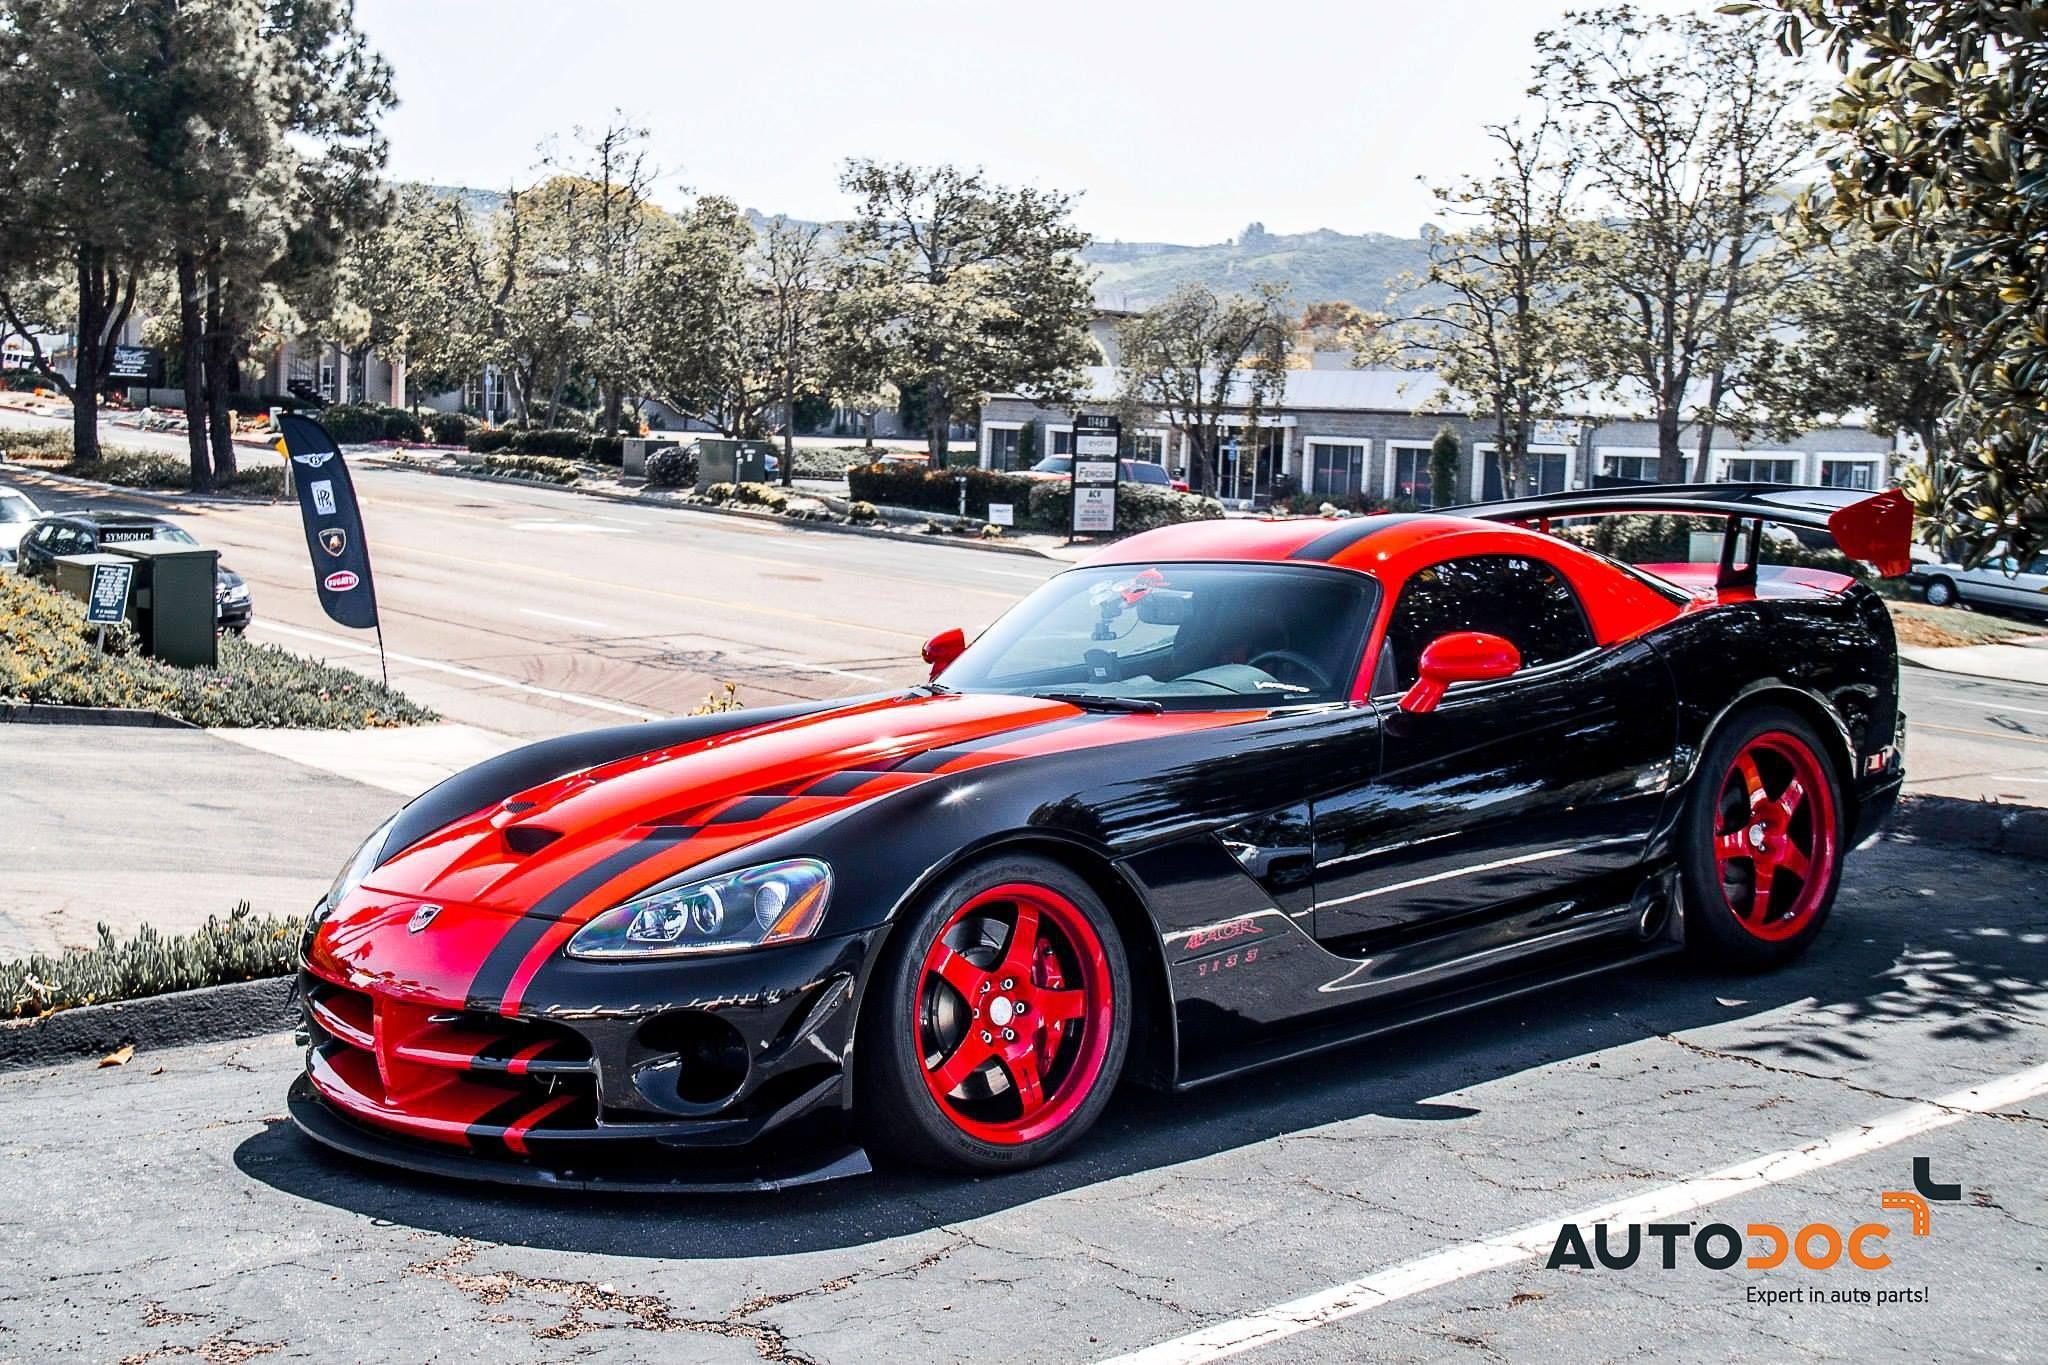 #Dodge #Viper ACR Puissance – 654 ch Vitesse maximale – 300 km/h #Car #SportCar #Auto #SuperCar #AutoDoc